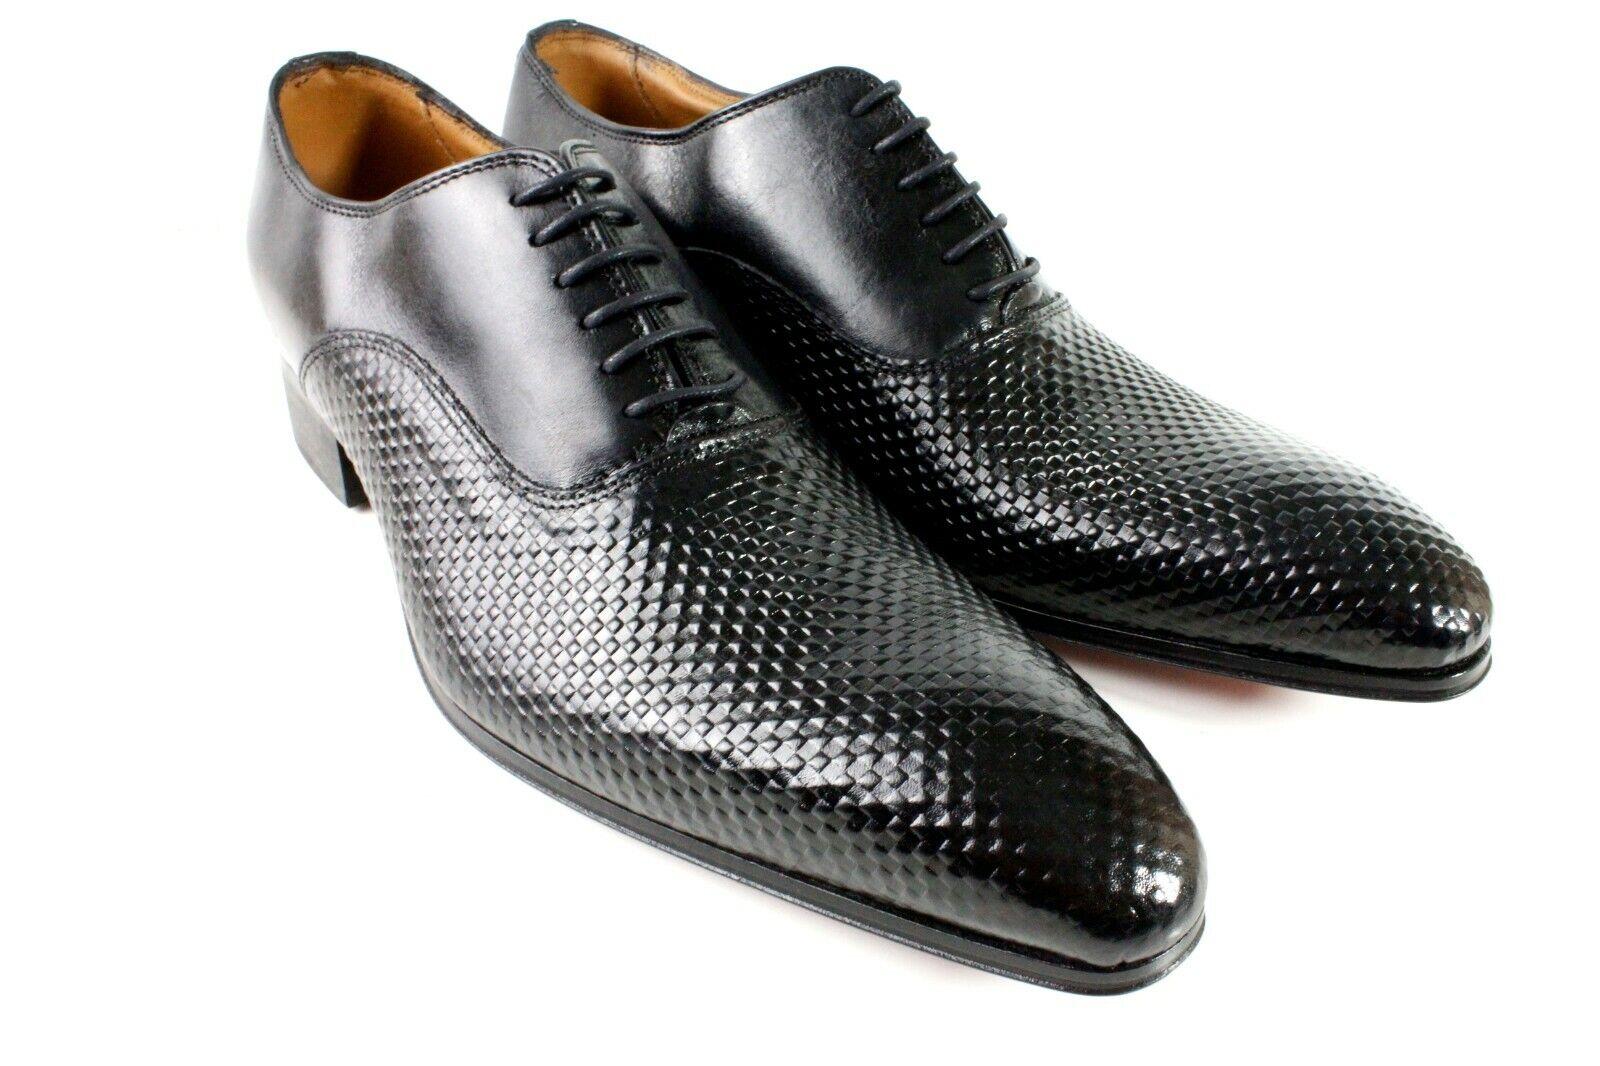 Zapatos De Vestir Negro De Cuero Italiano para hombres hecho a mano Zapatos Oxford, tamaño 42